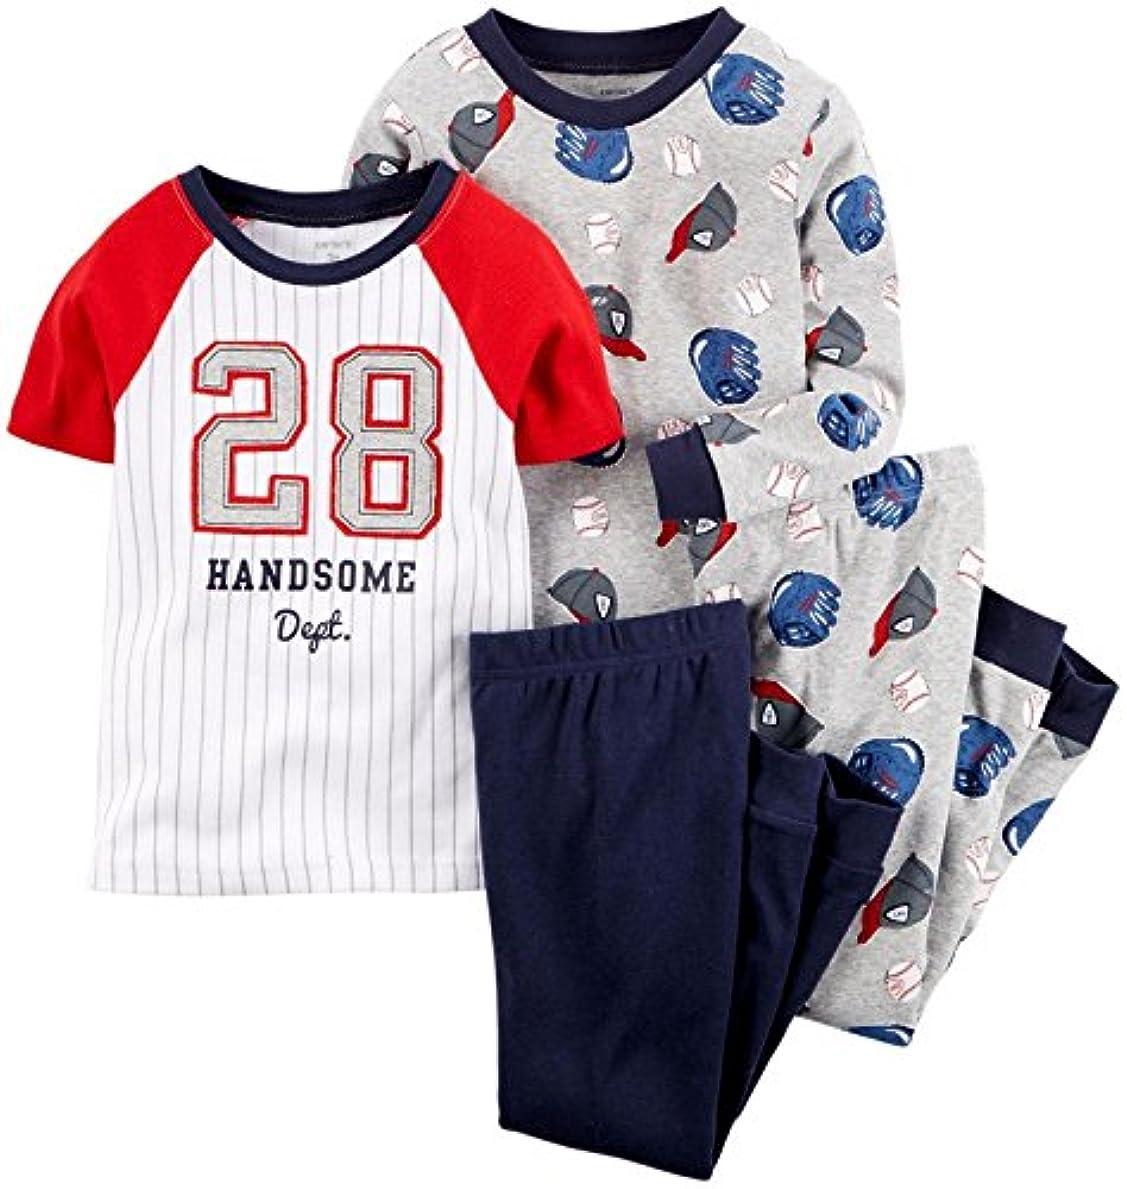 試す処理するグリップCarter 's Baby Boys ' 4 PieceスポーツTシャツPJセット(ベビー)